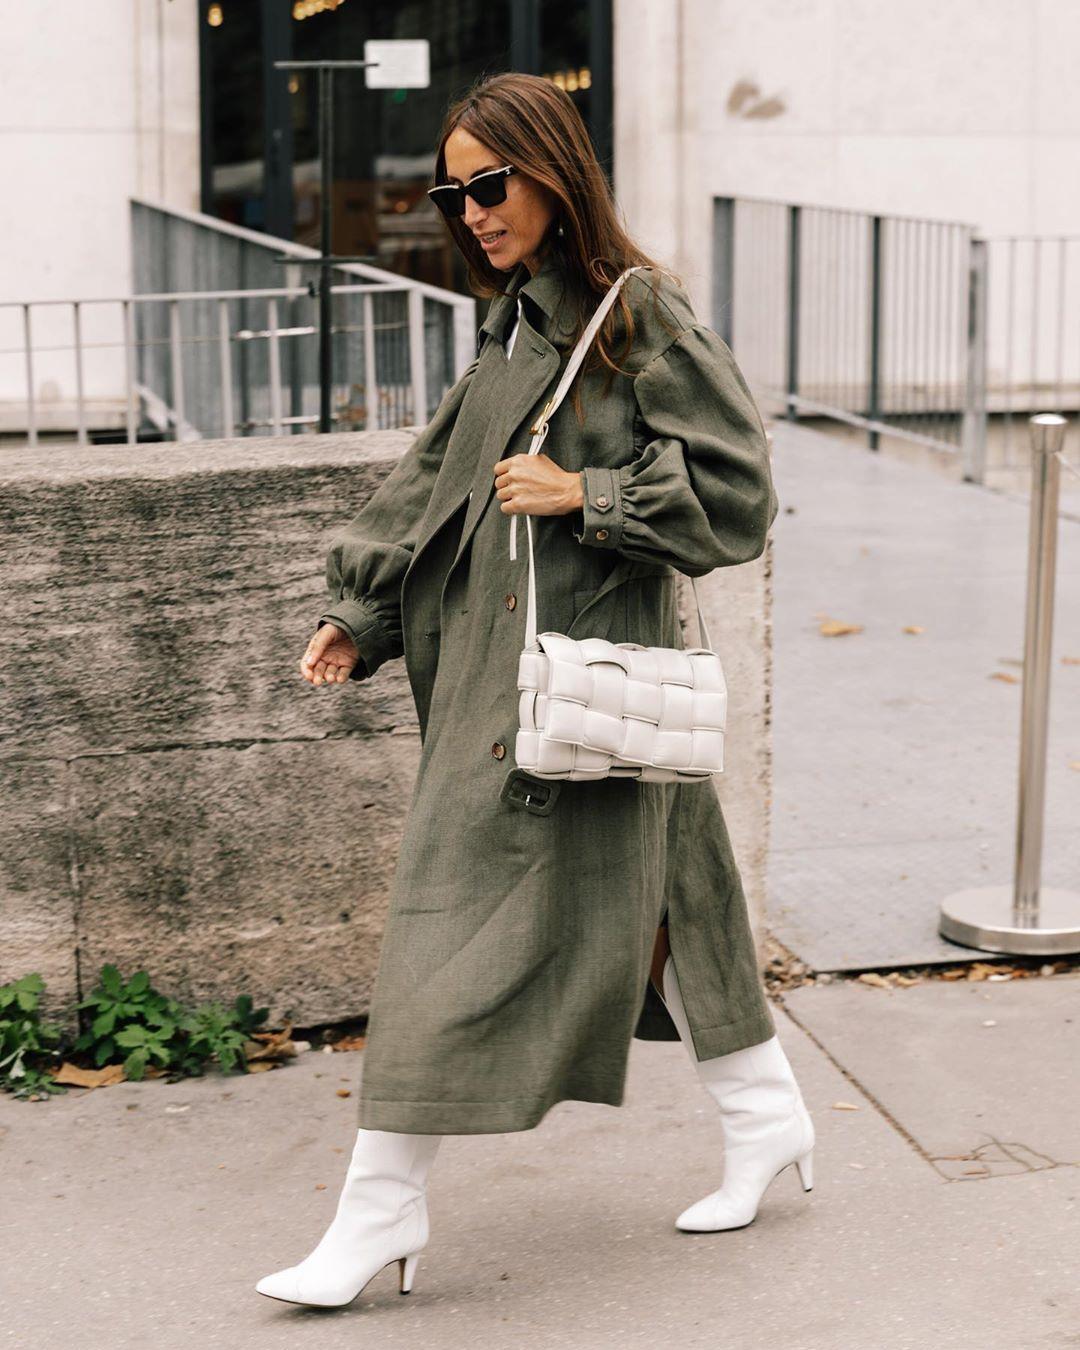 Abrigos de moda invierno 2020 de Zara, Mango, Shein según